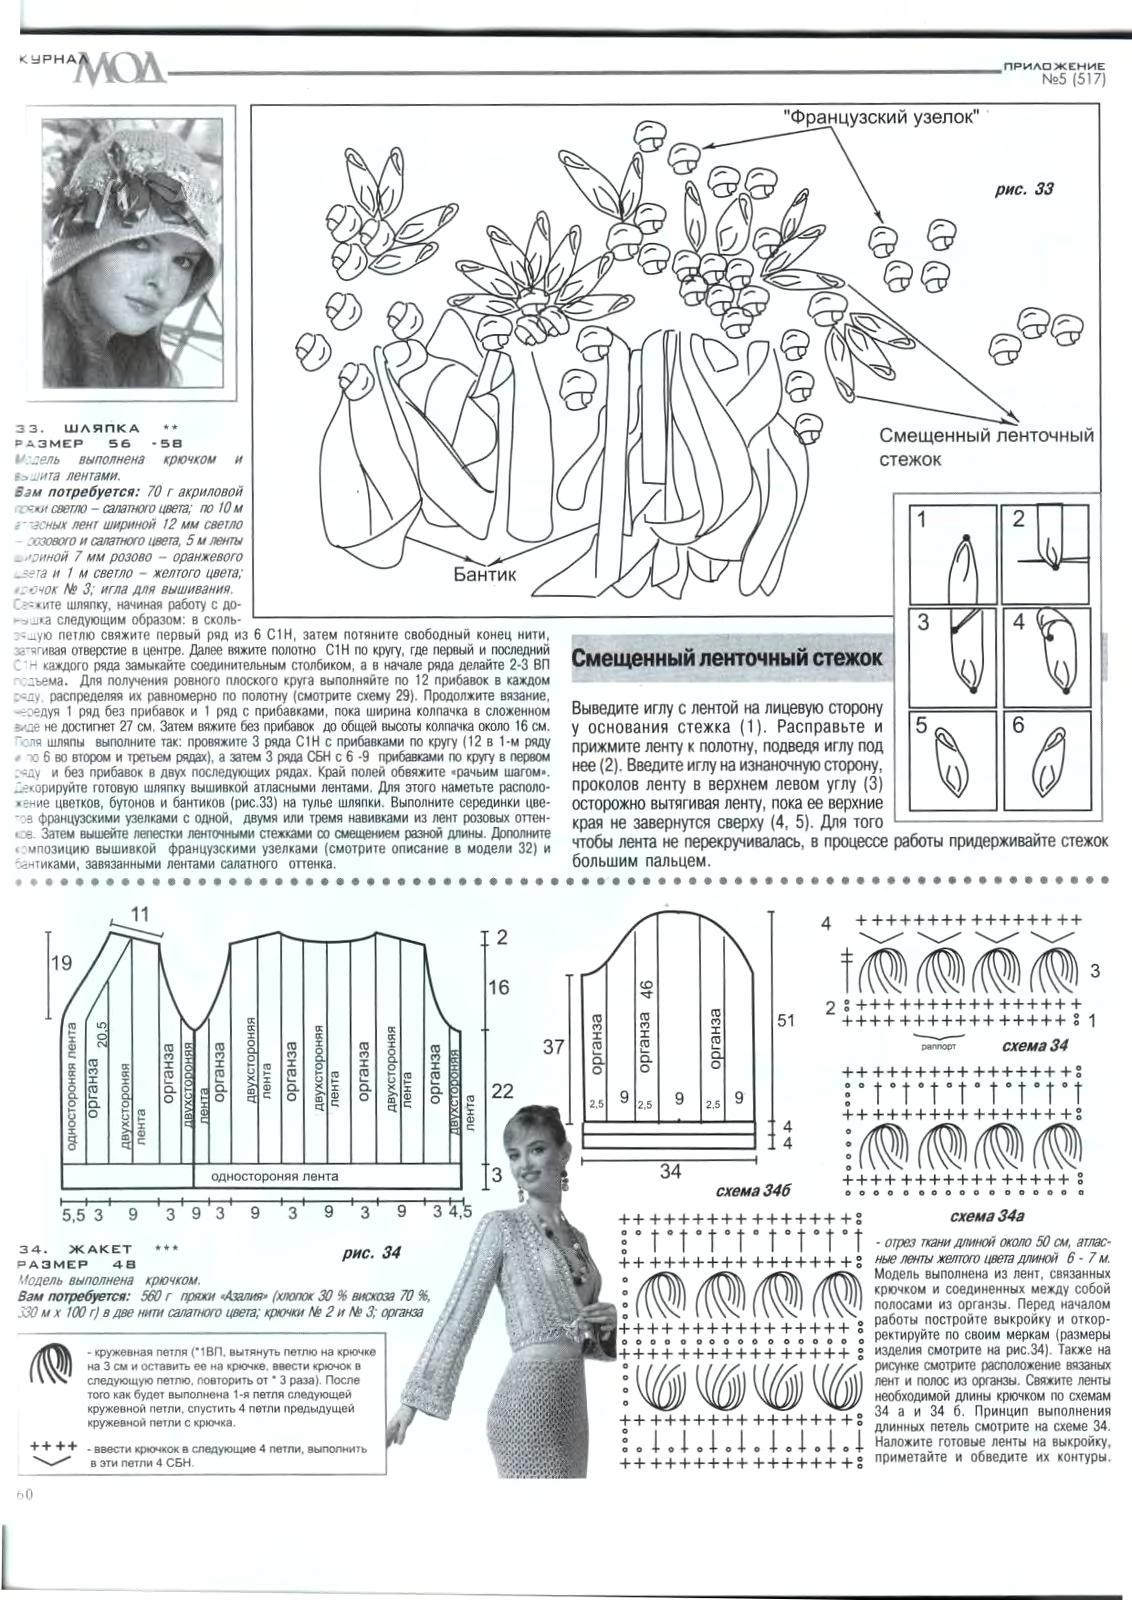 журнал мод 517 за 2009 год